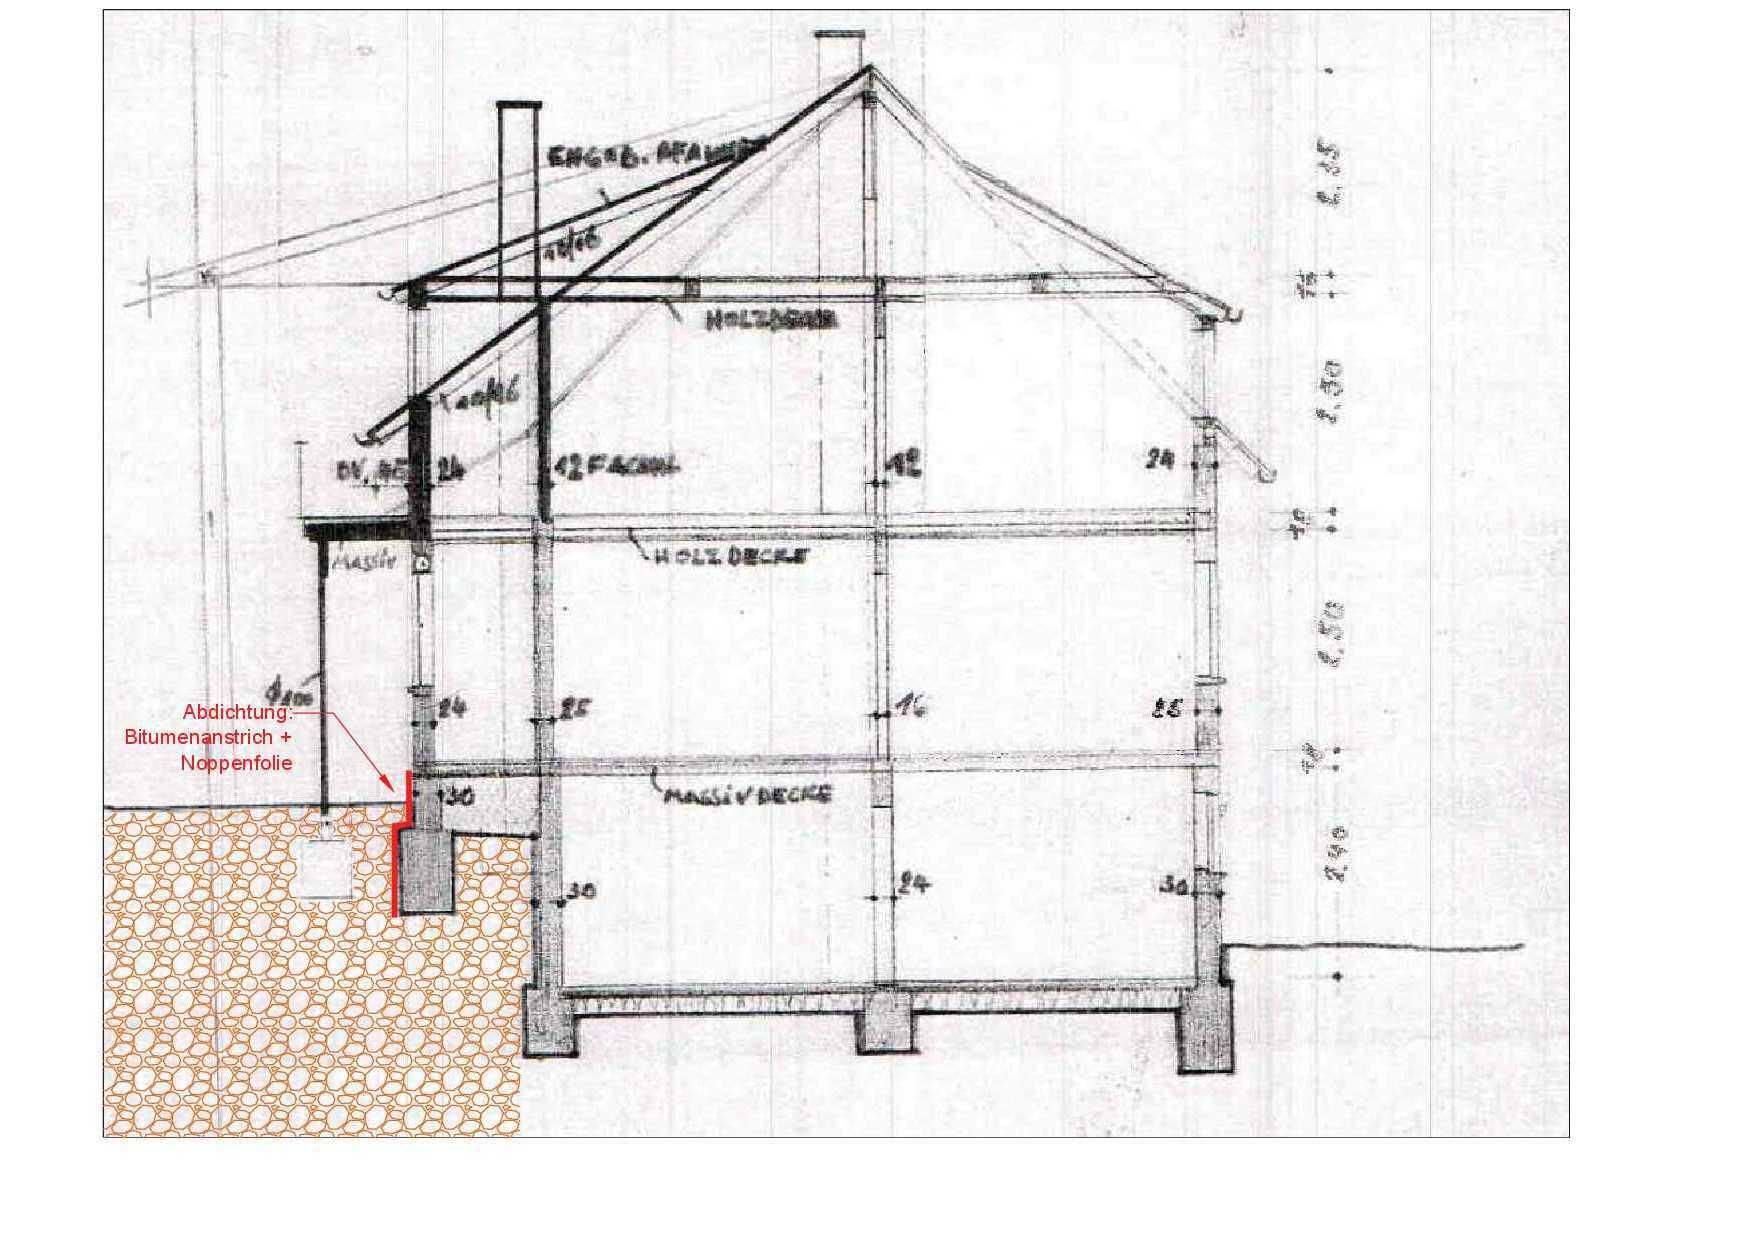 fundament vom haus abdichten wer weiss. Black Bedroom Furniture Sets. Home Design Ideas